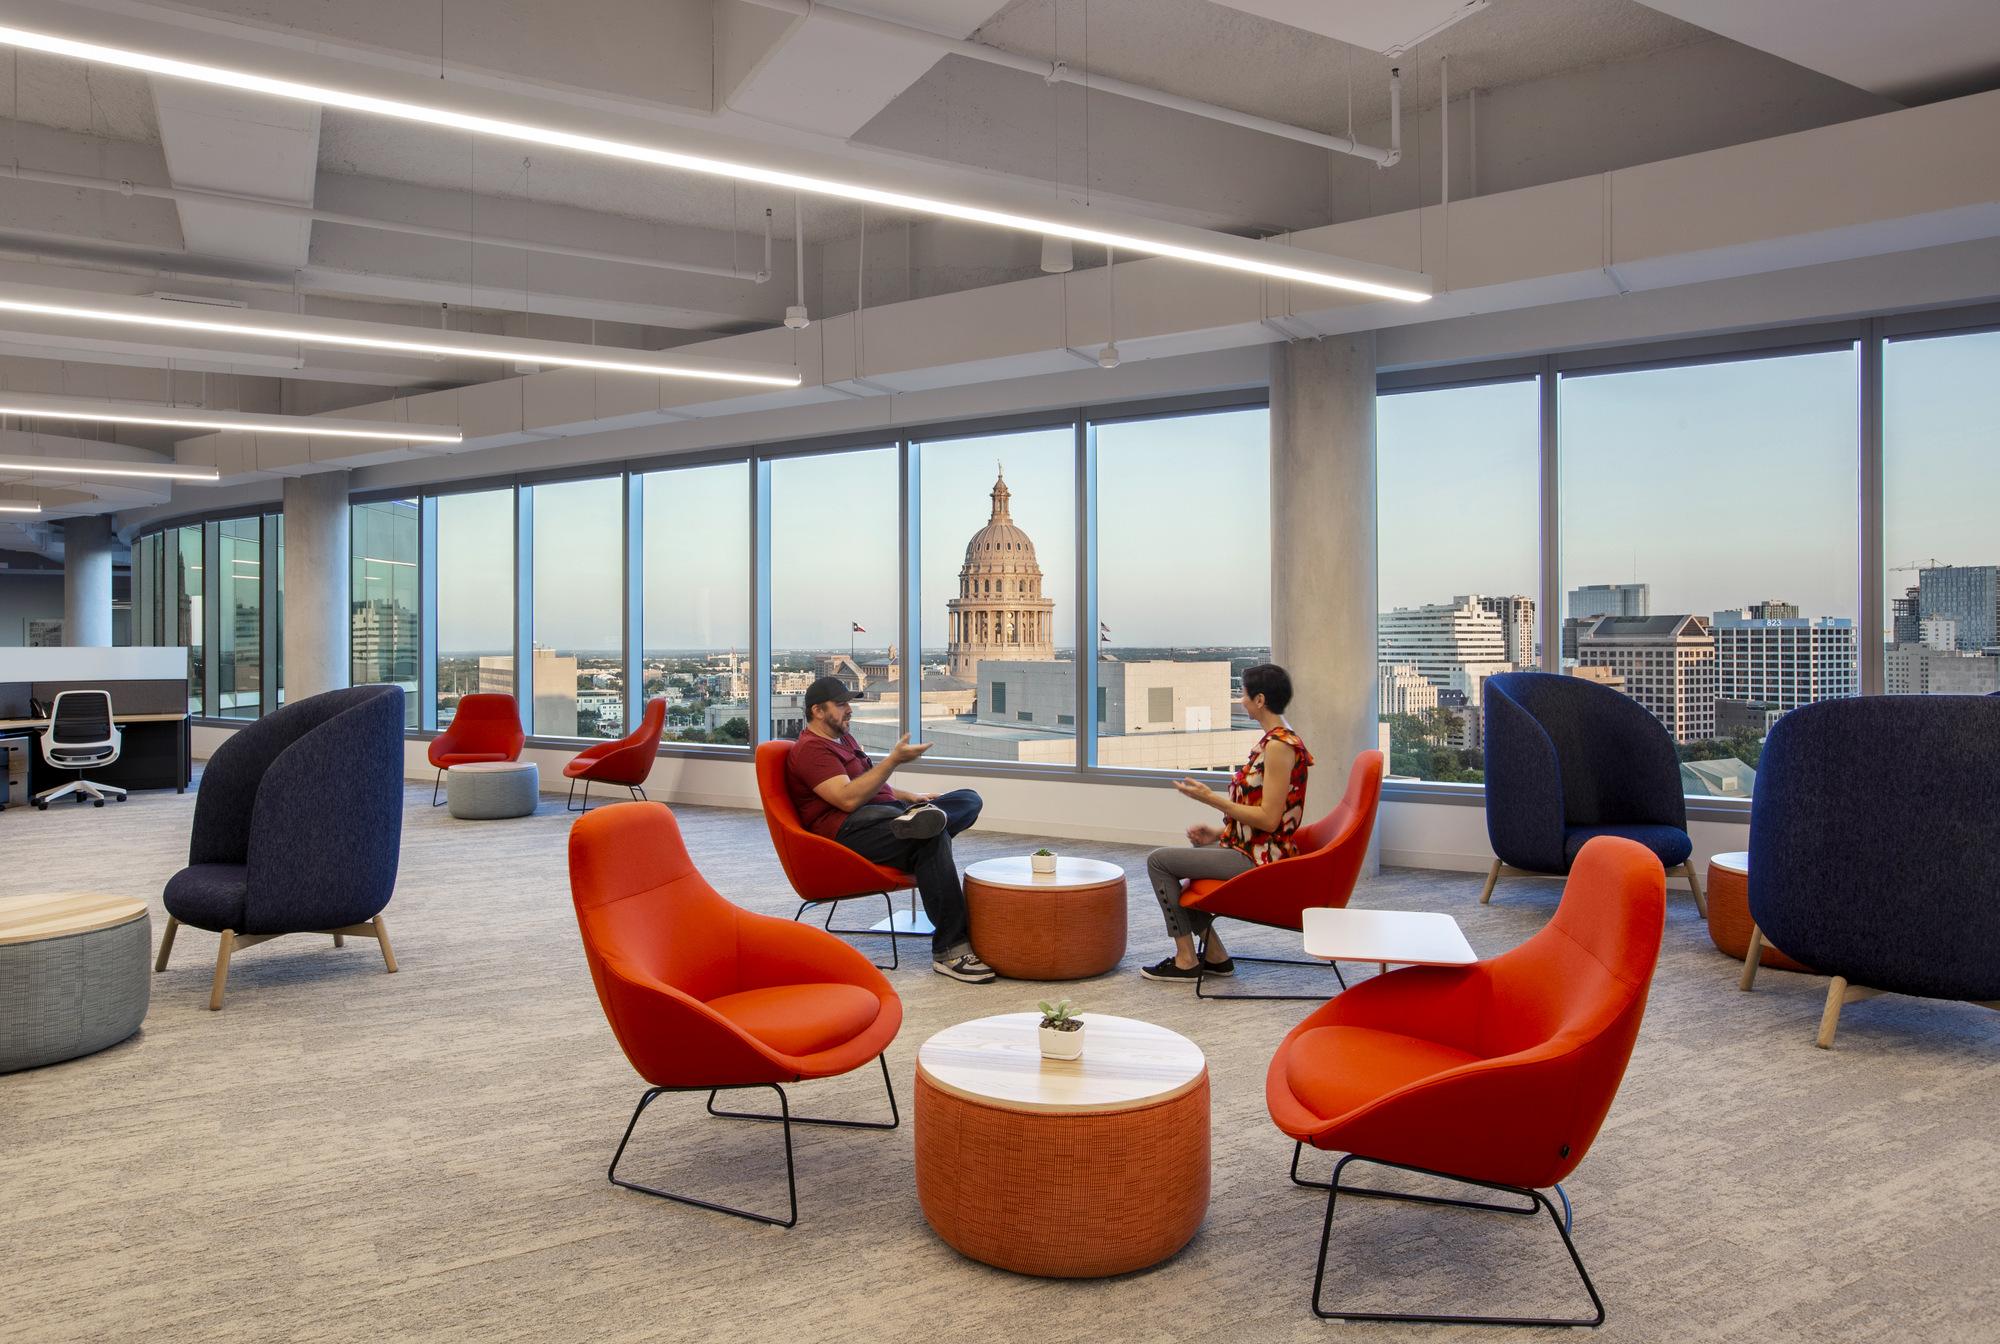 教大家轻松掌握办公室地毯的主要种类及其应用!